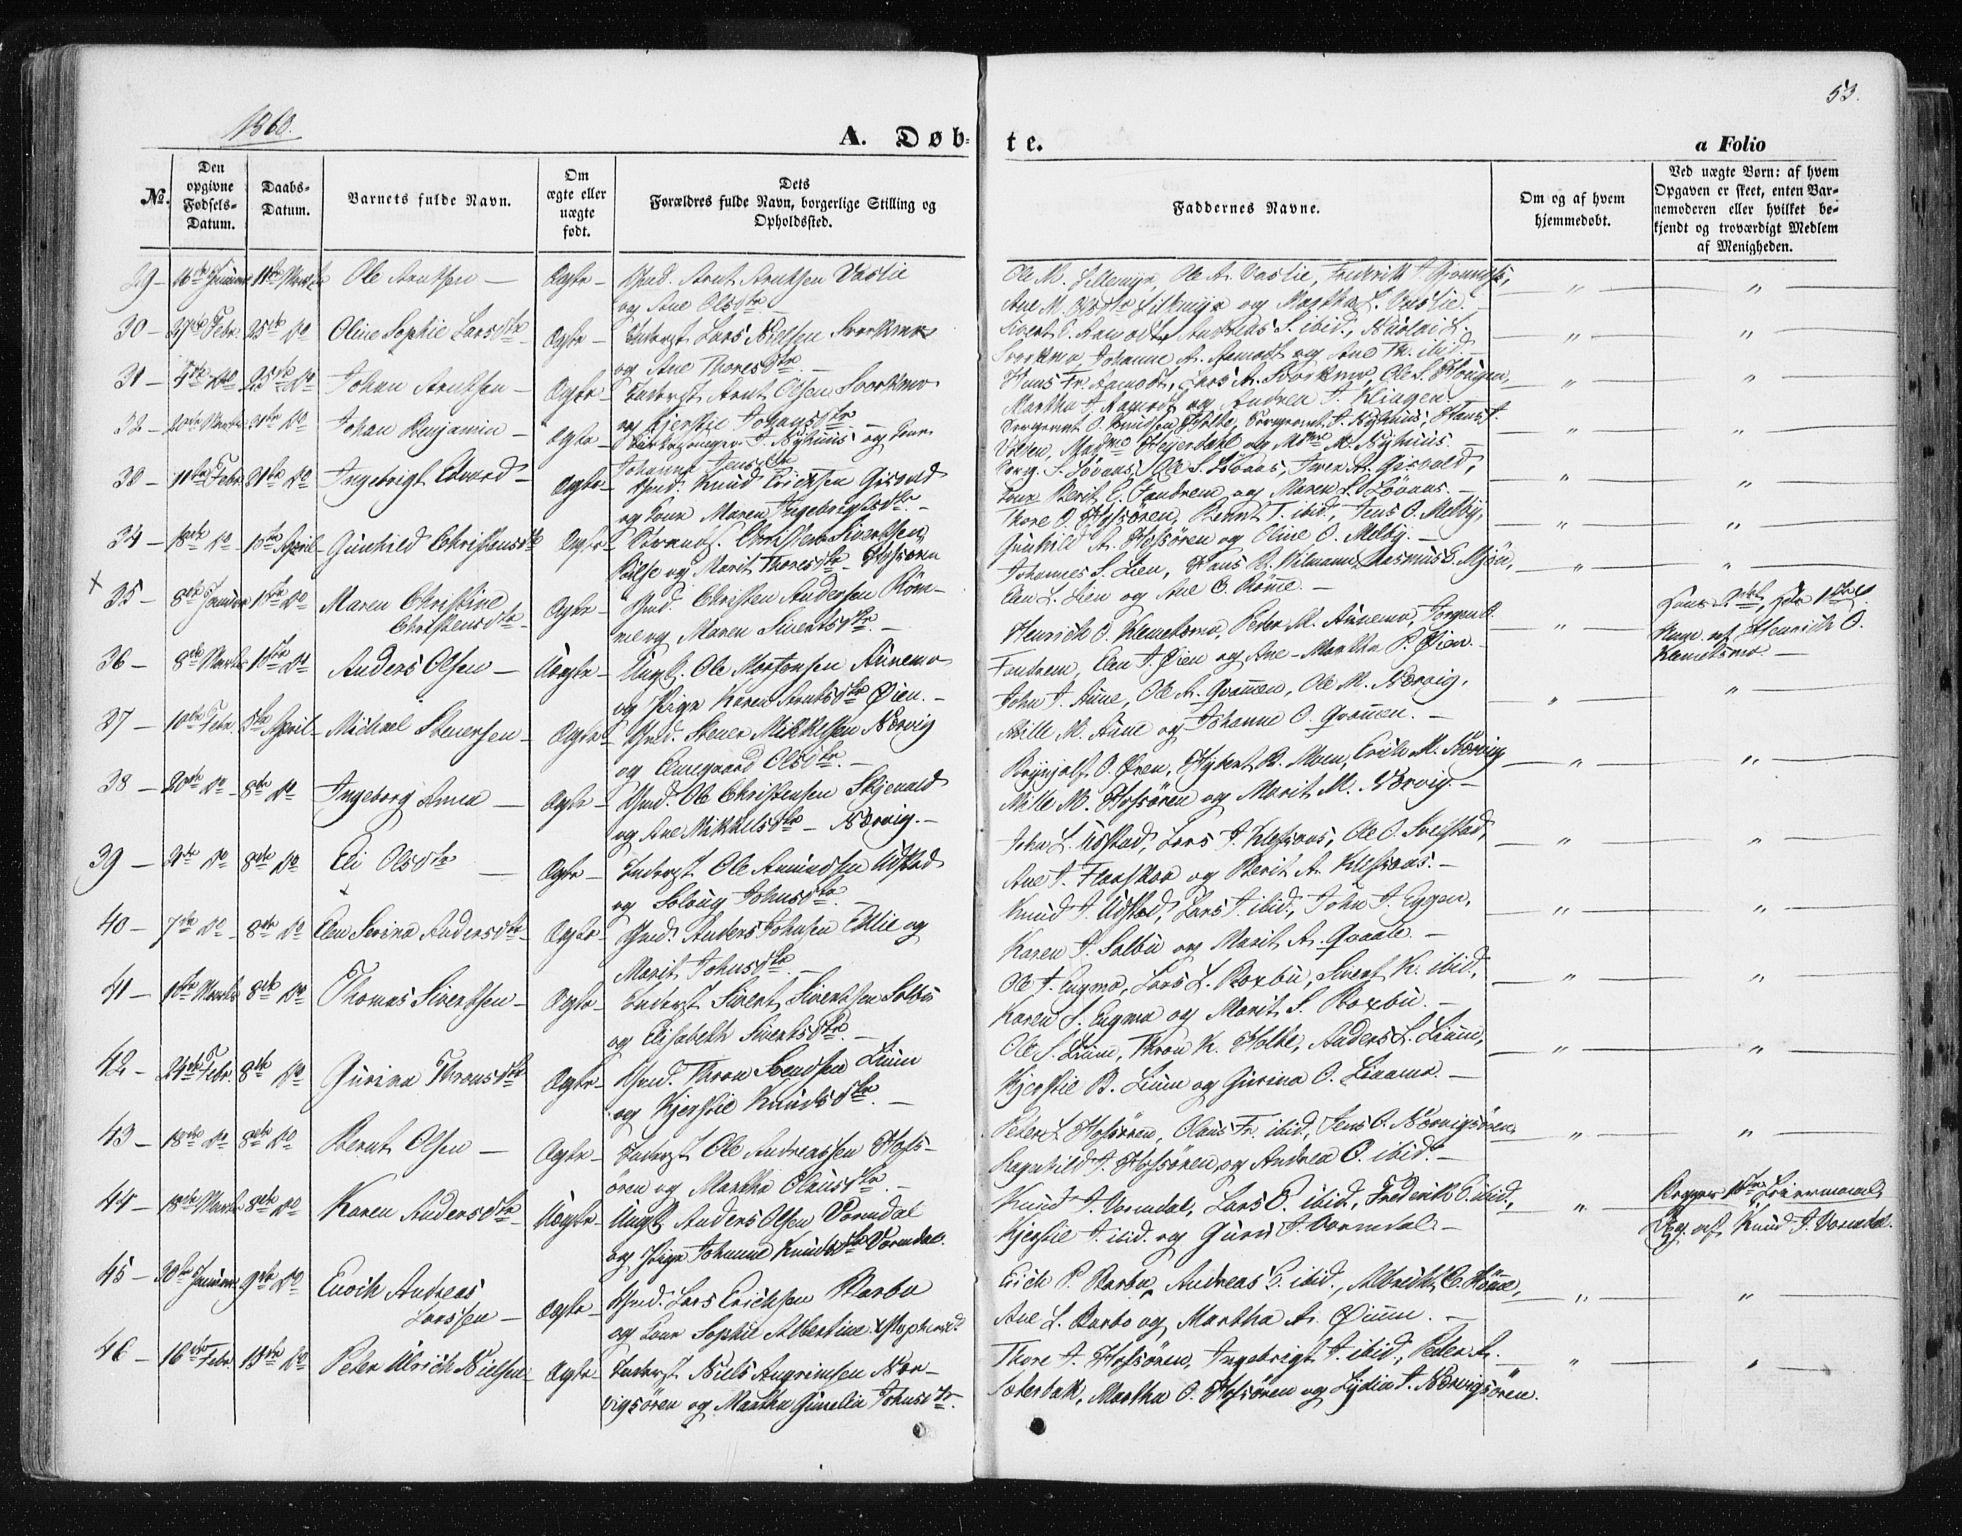 SAT, Ministerialprotokoller, klokkerbøker og fødselsregistre - Sør-Trøndelag, 668/L0806: Ministerialbok nr. 668A06, 1854-1869, s. 53